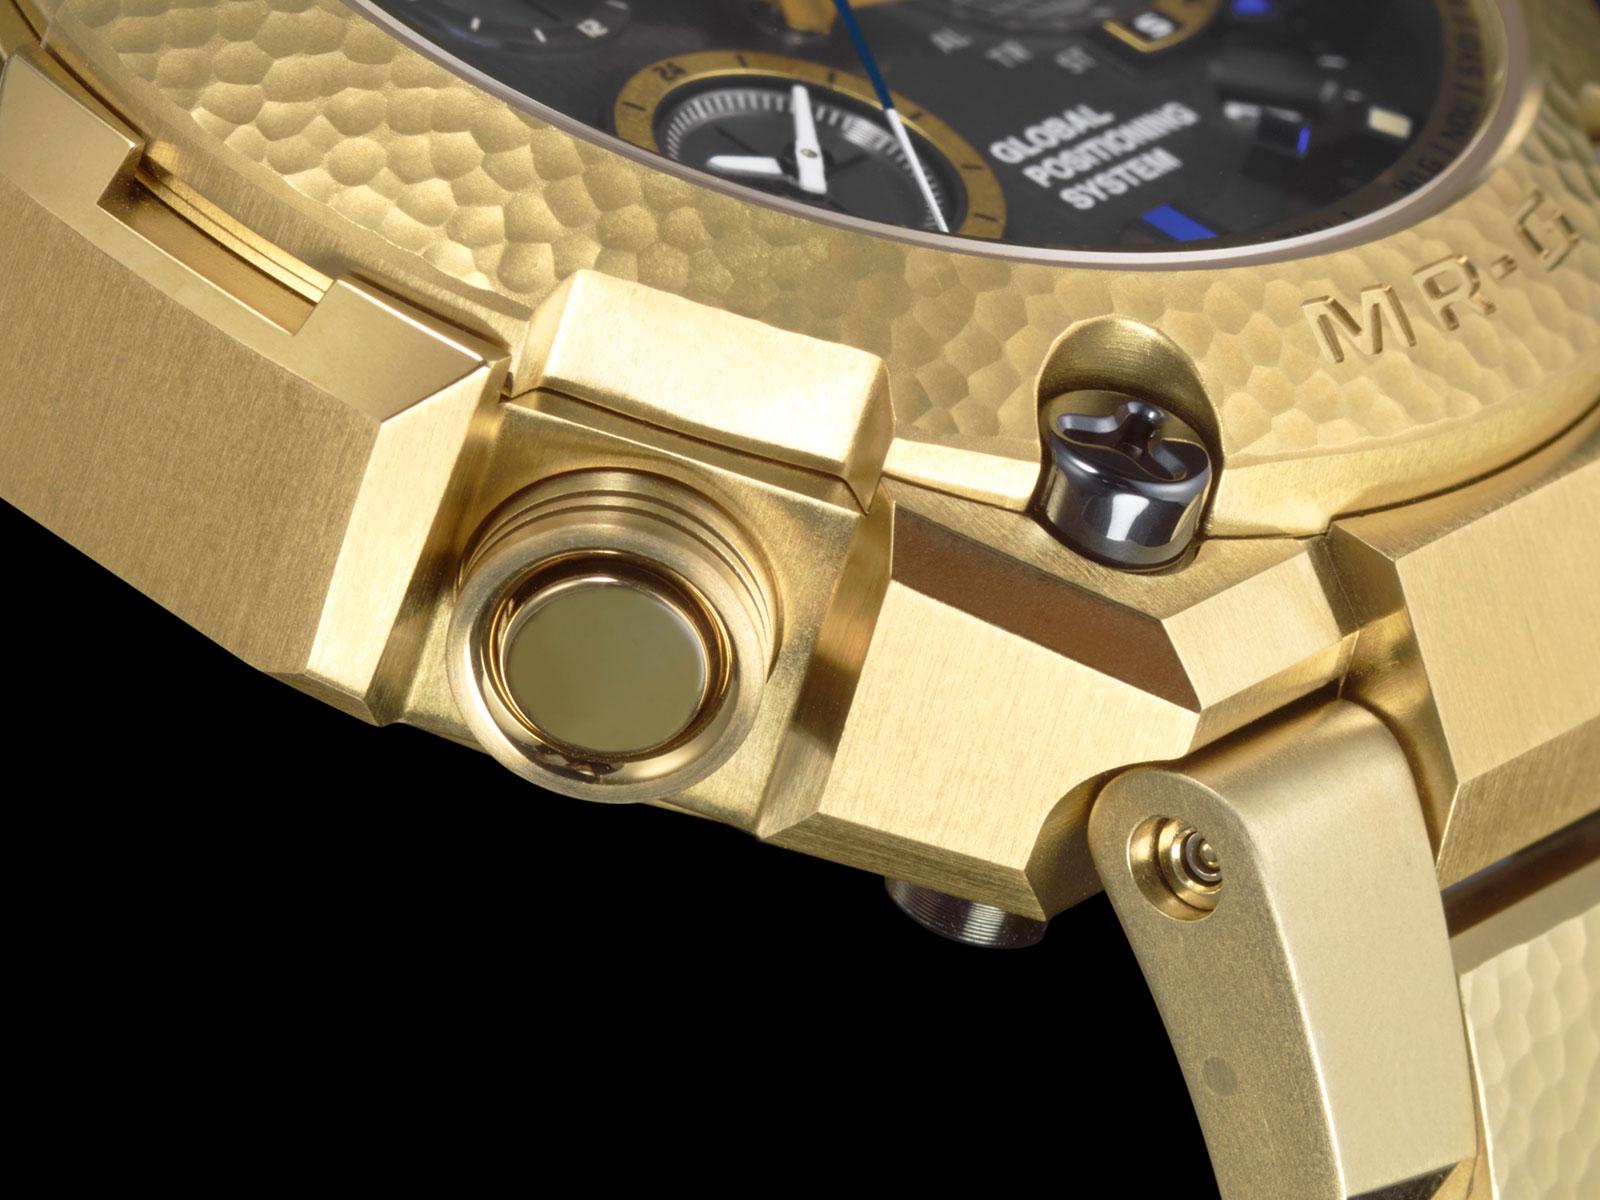 Casio G-Shock MR-G Gold Hammer Tone 4